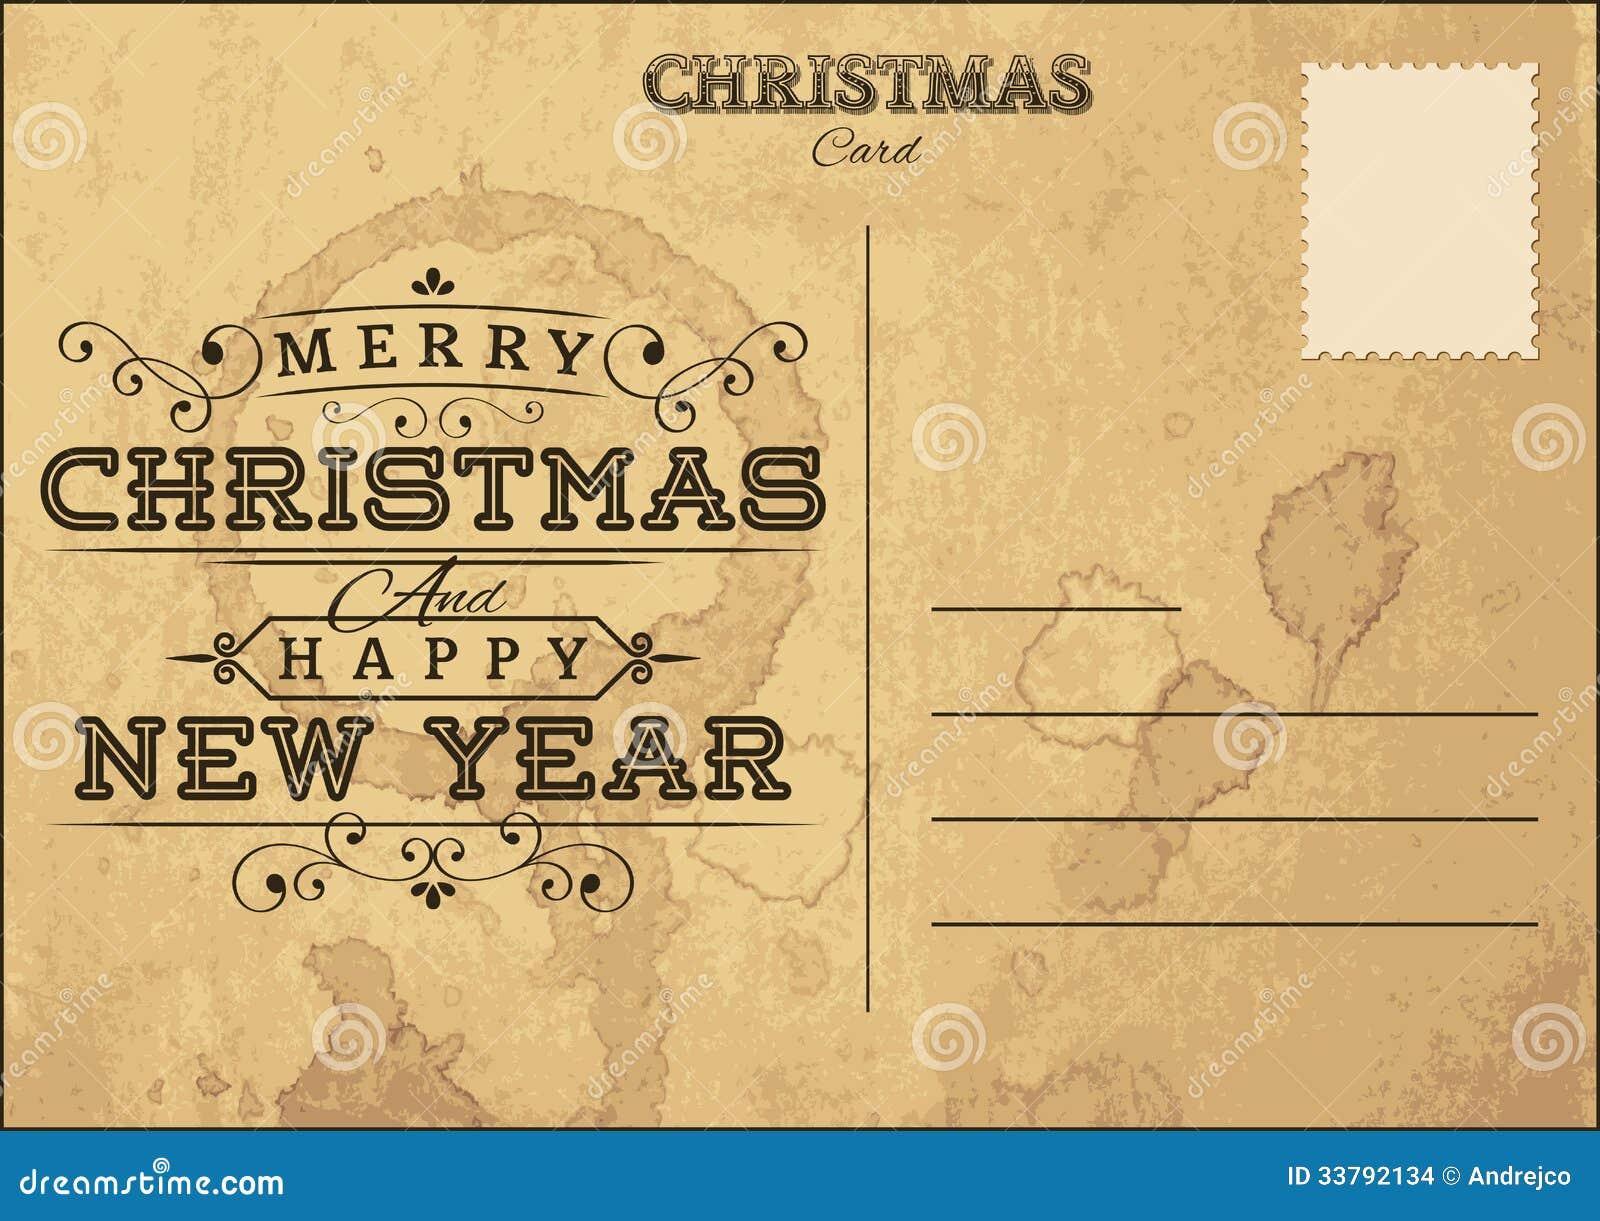 Christmas Postcard Stock Images - Image: 33792134